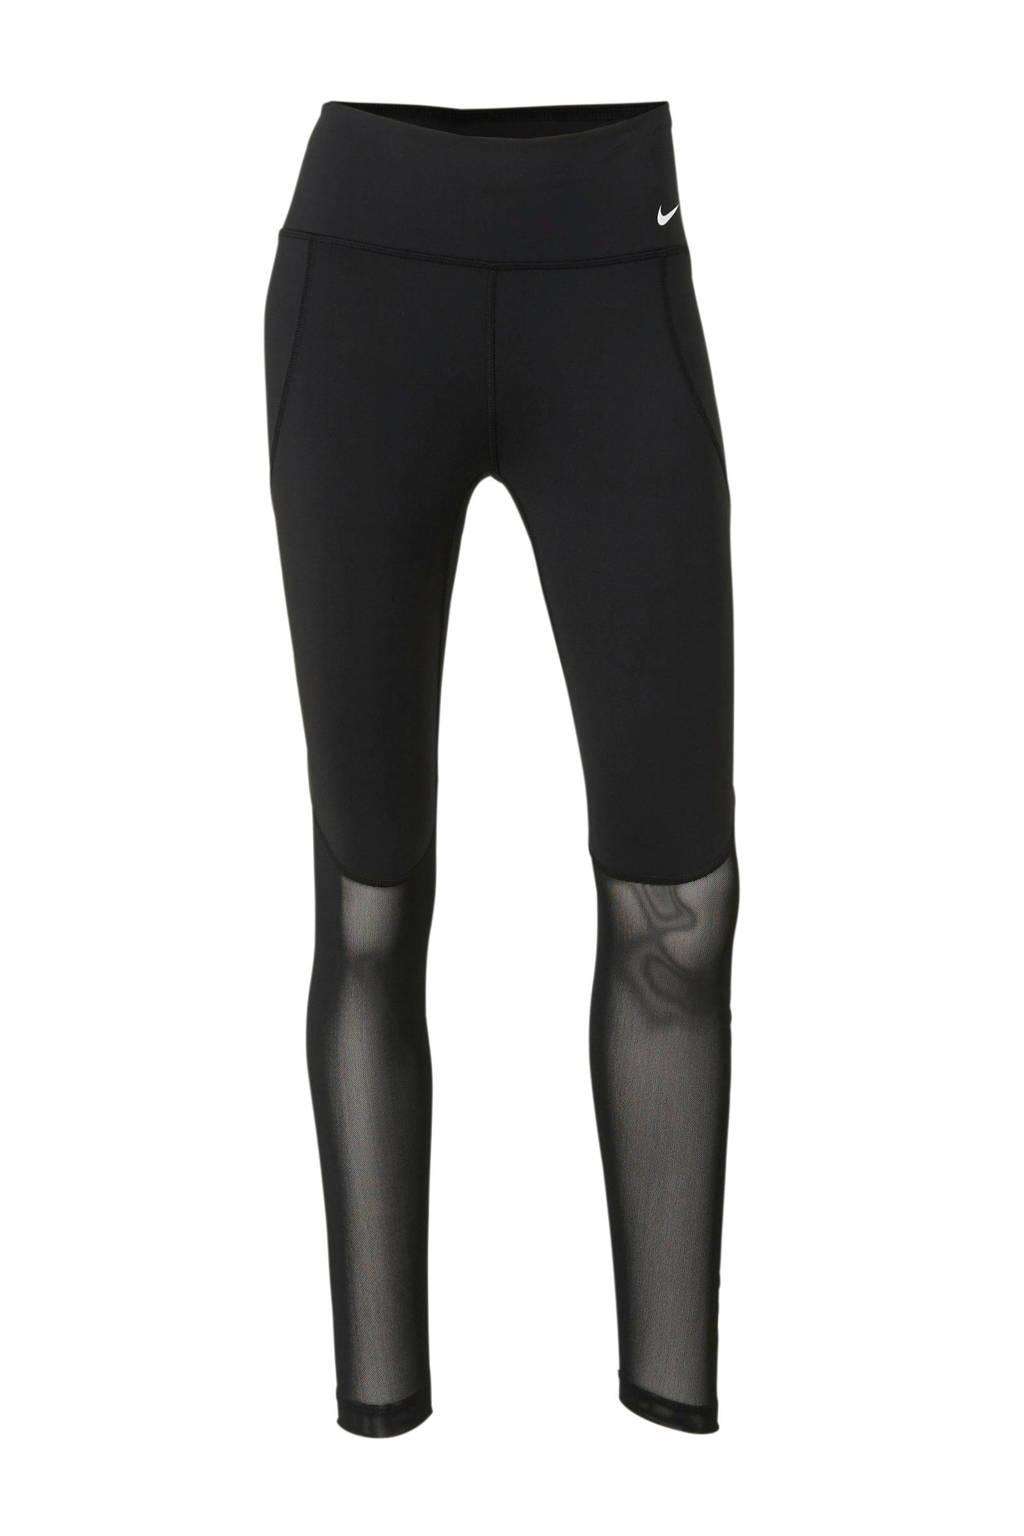 Nike 7/8 sportbroek met printopdruk/mesh zwart, Zwart/wit